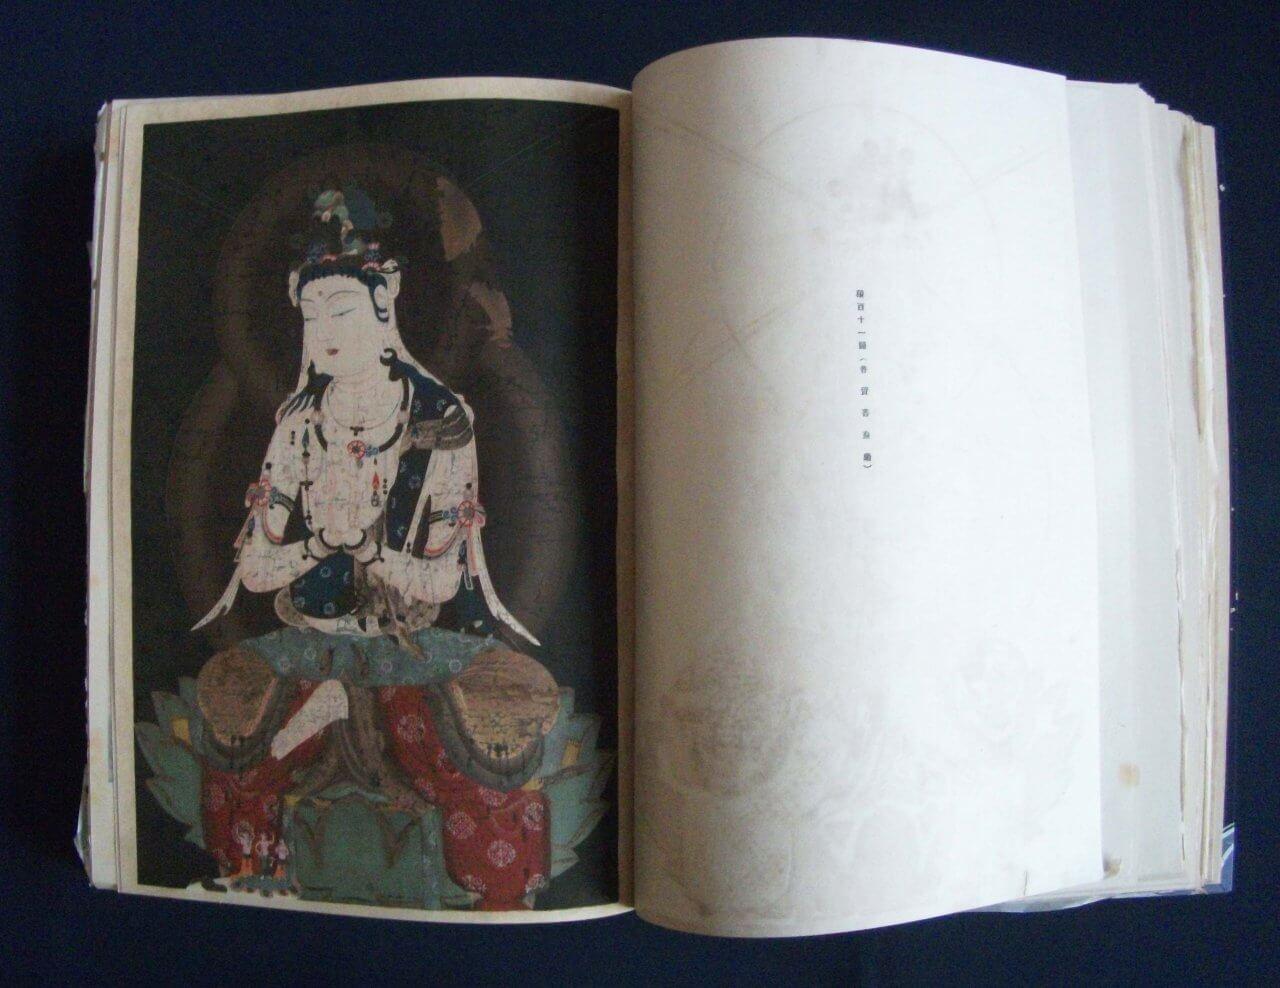 普賢菩薩像『稿本日本帝国美術略史』